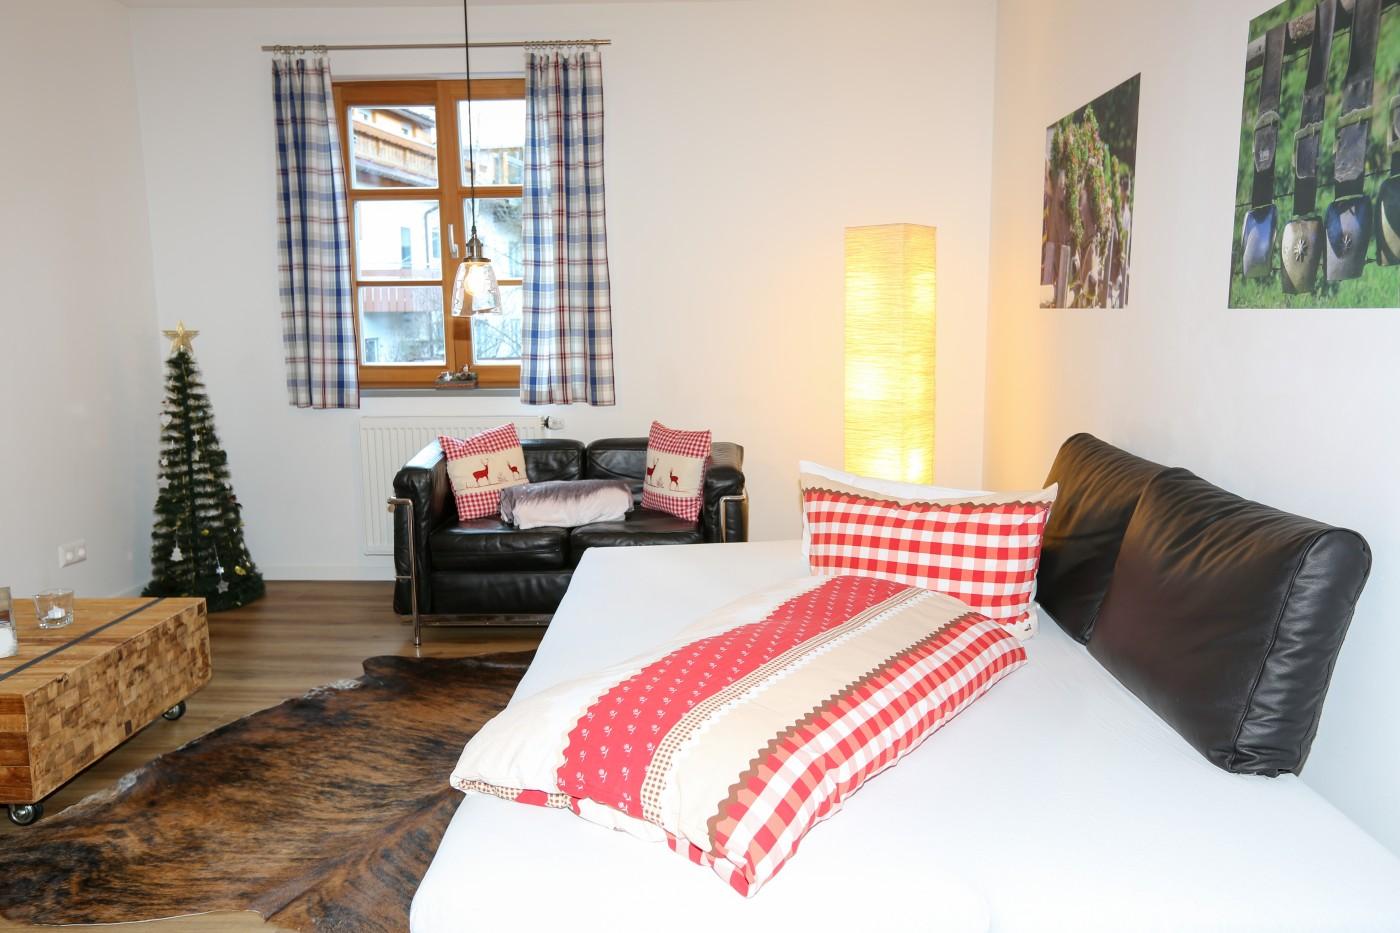 Ferienwohnung Georg Mayer Haus / Wohnung 3 (2397452), Oberstdorf, Allgäu (Bayern), Bayern, Deutschland, Bild 10